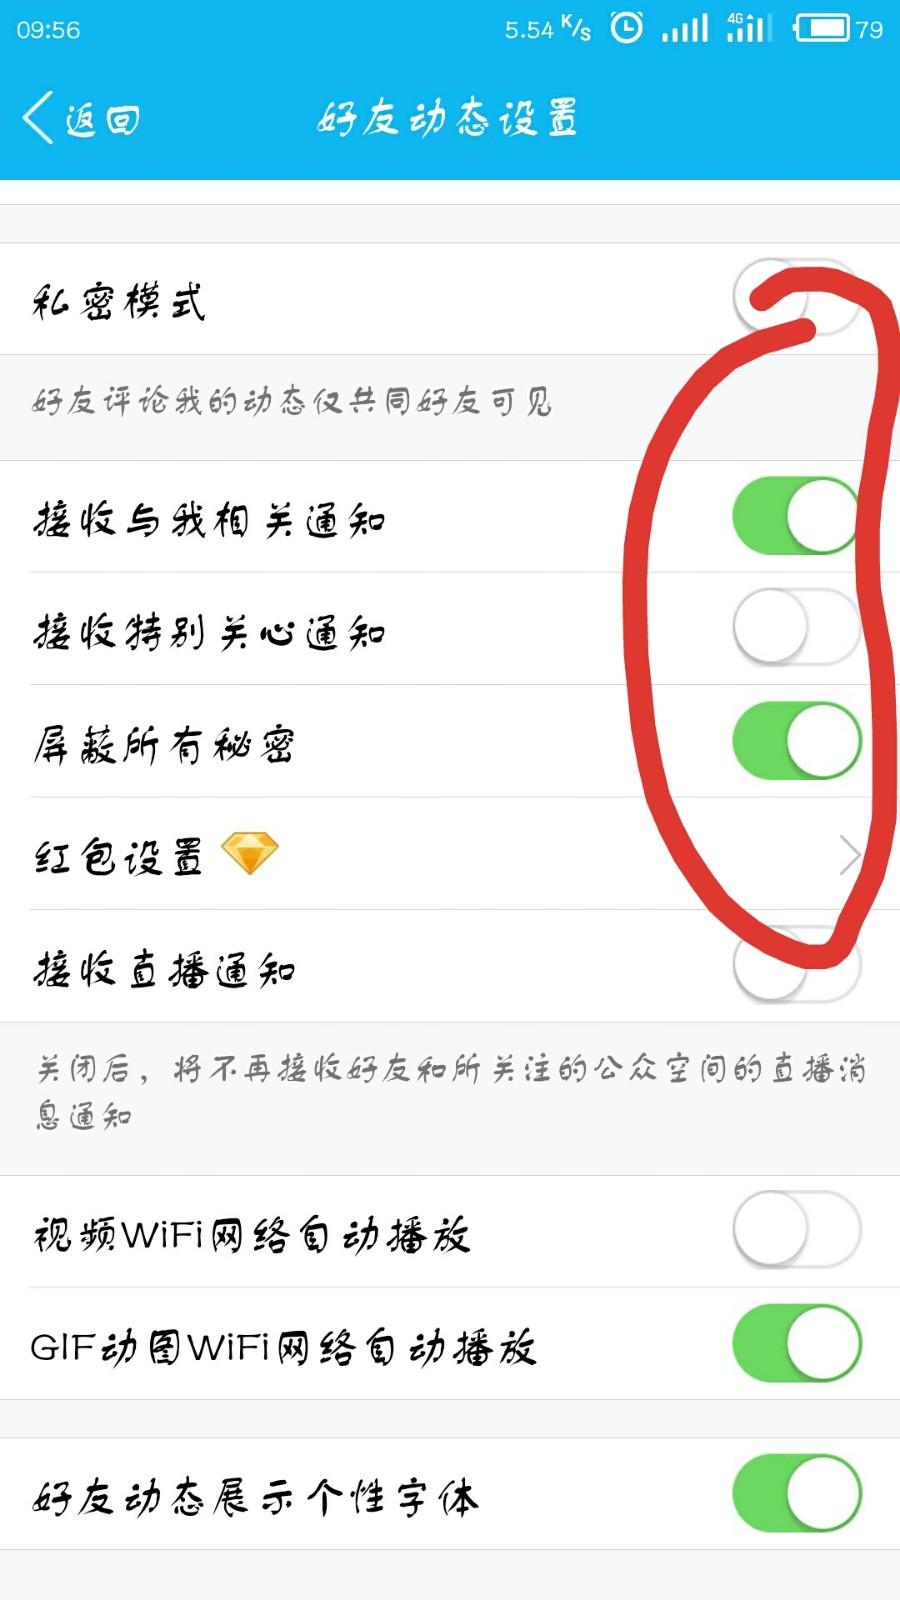 怎样关qq校友图标_怎么关闭手机qq的空间动态提醒_百度知道